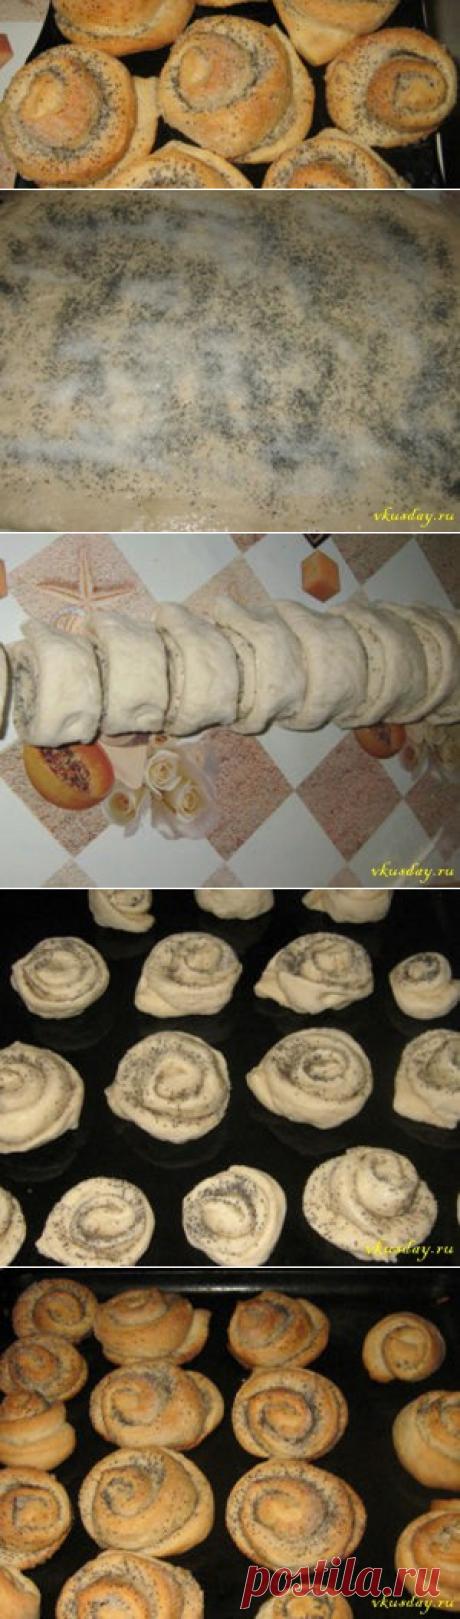 Булочки с маком - рецепт - Вкусный день   Вкусный день